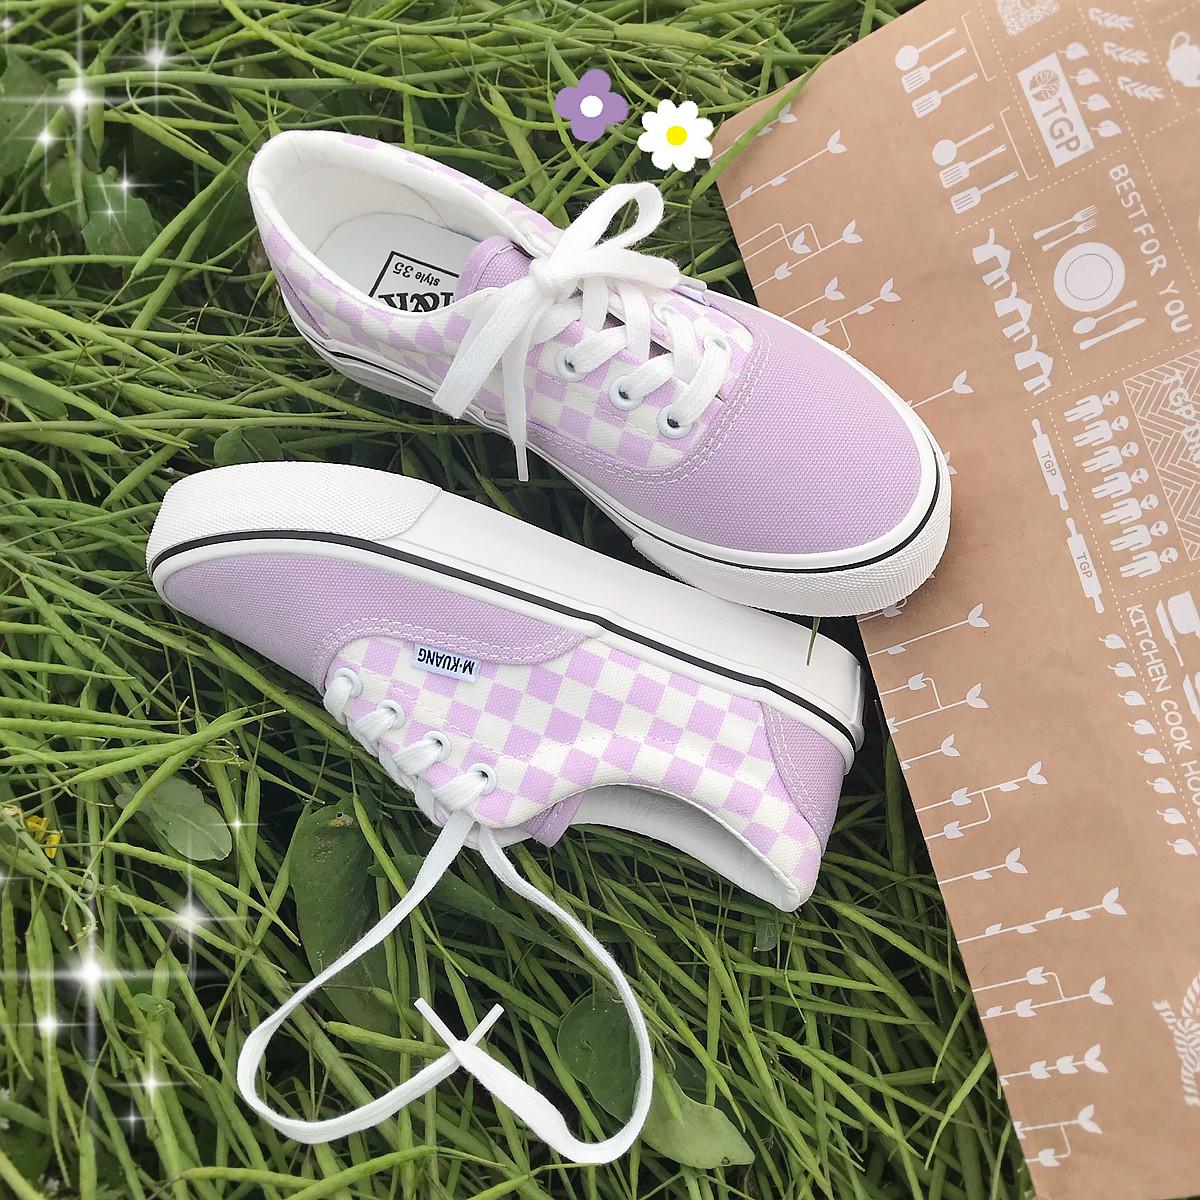 紫色平底鞋 2021春夏新款浅紫色帆布鞋女鞋复古学生百搭平底棋盘黑白格子板鞋_推荐淘宝好看的紫色平底鞋